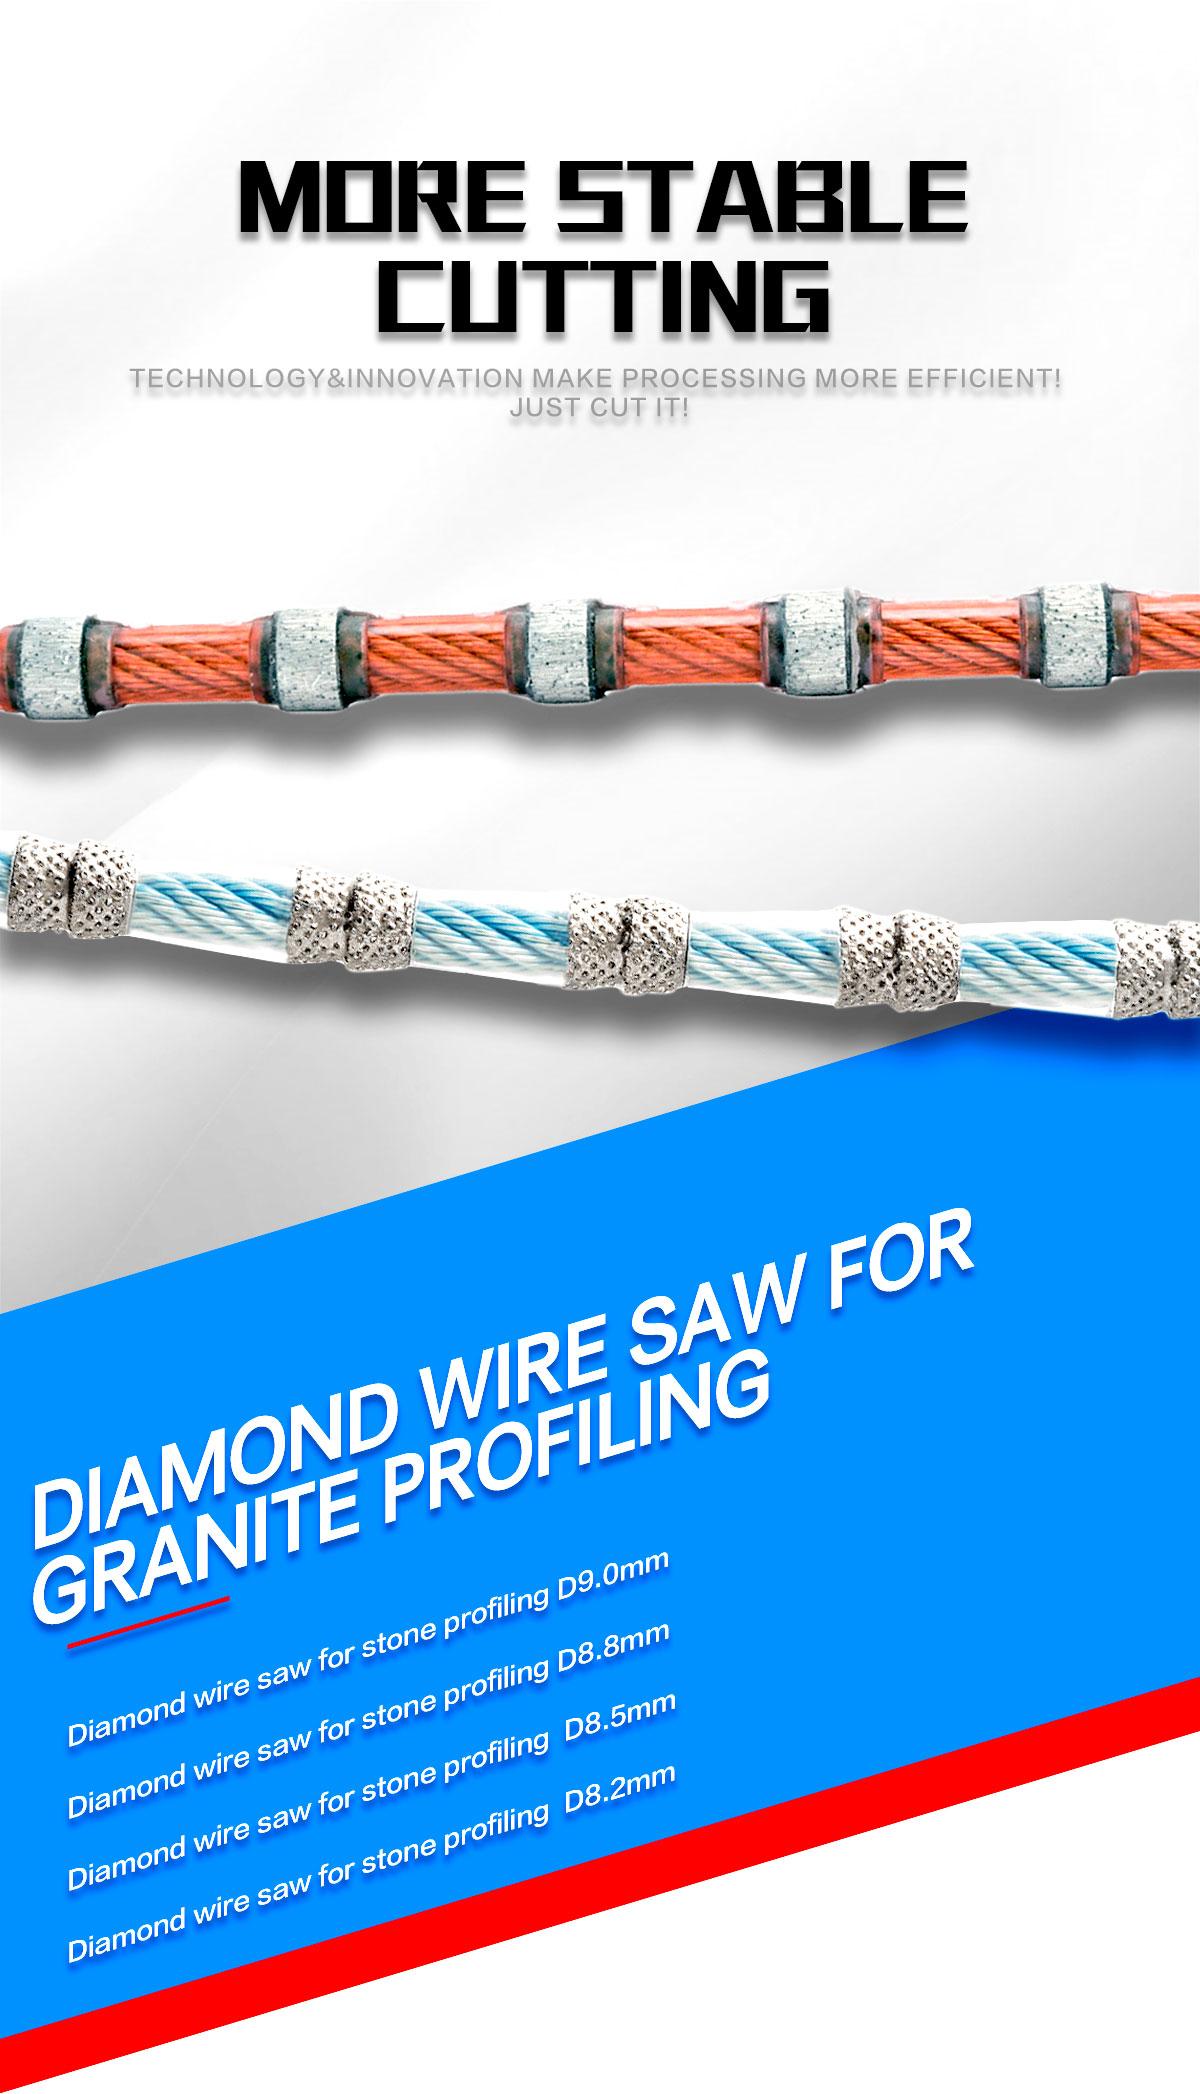 Diamond wire saw for granite profiling